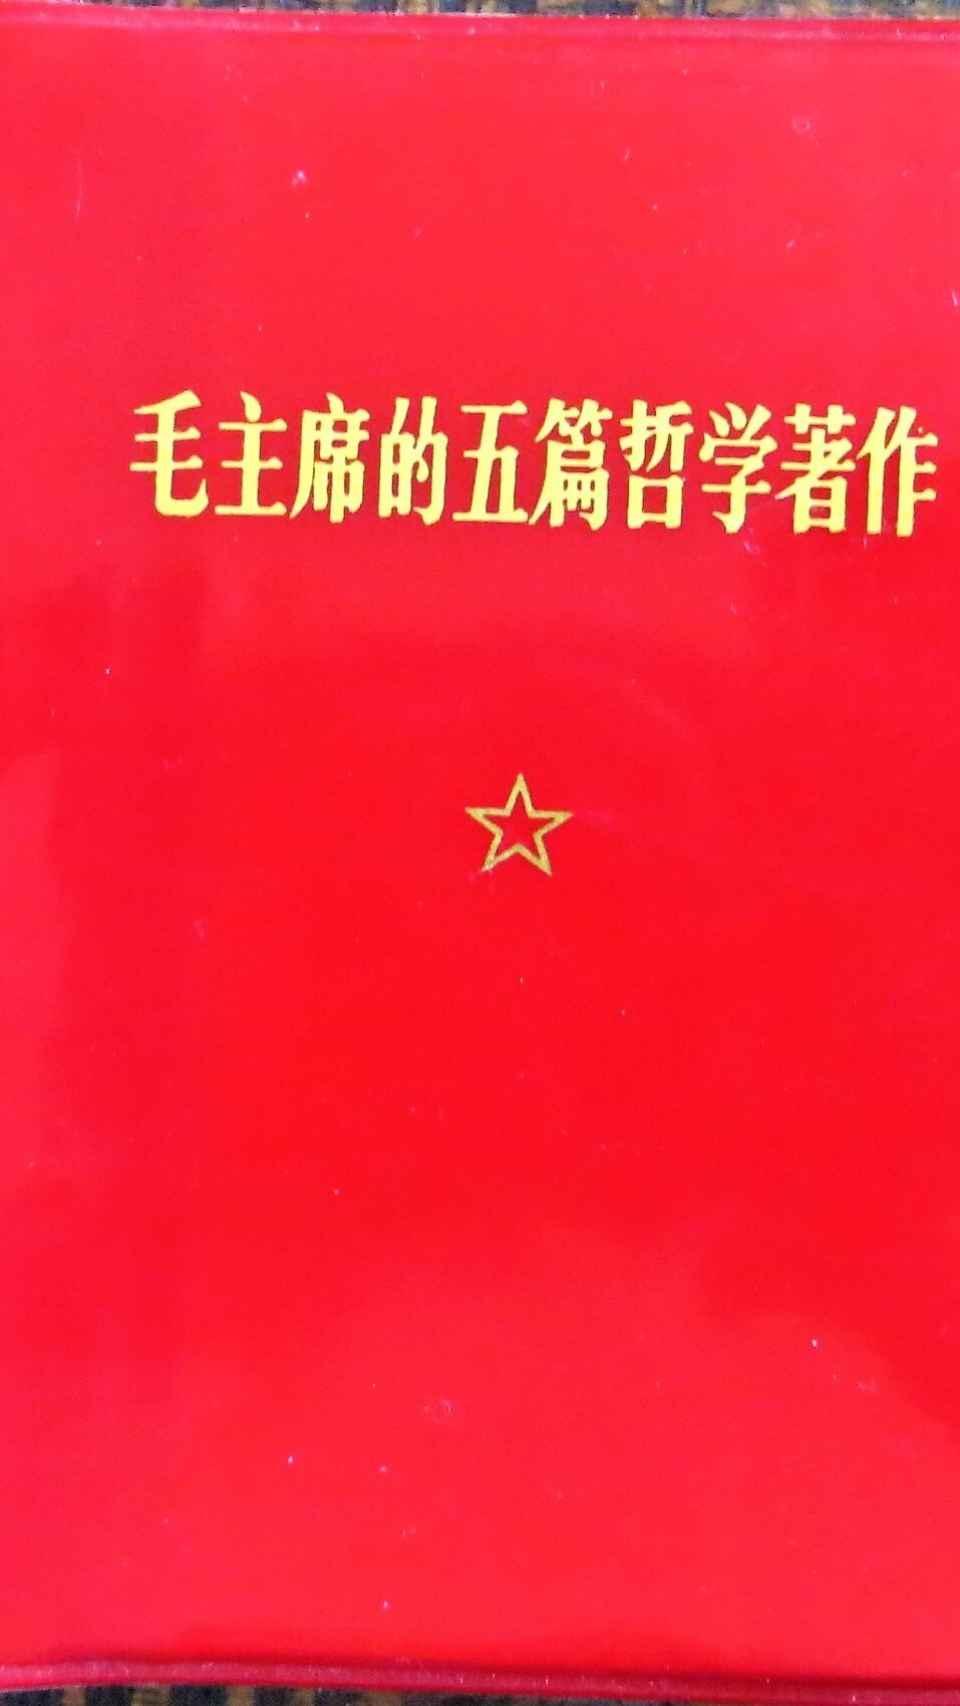 El libro rojo de Mao.